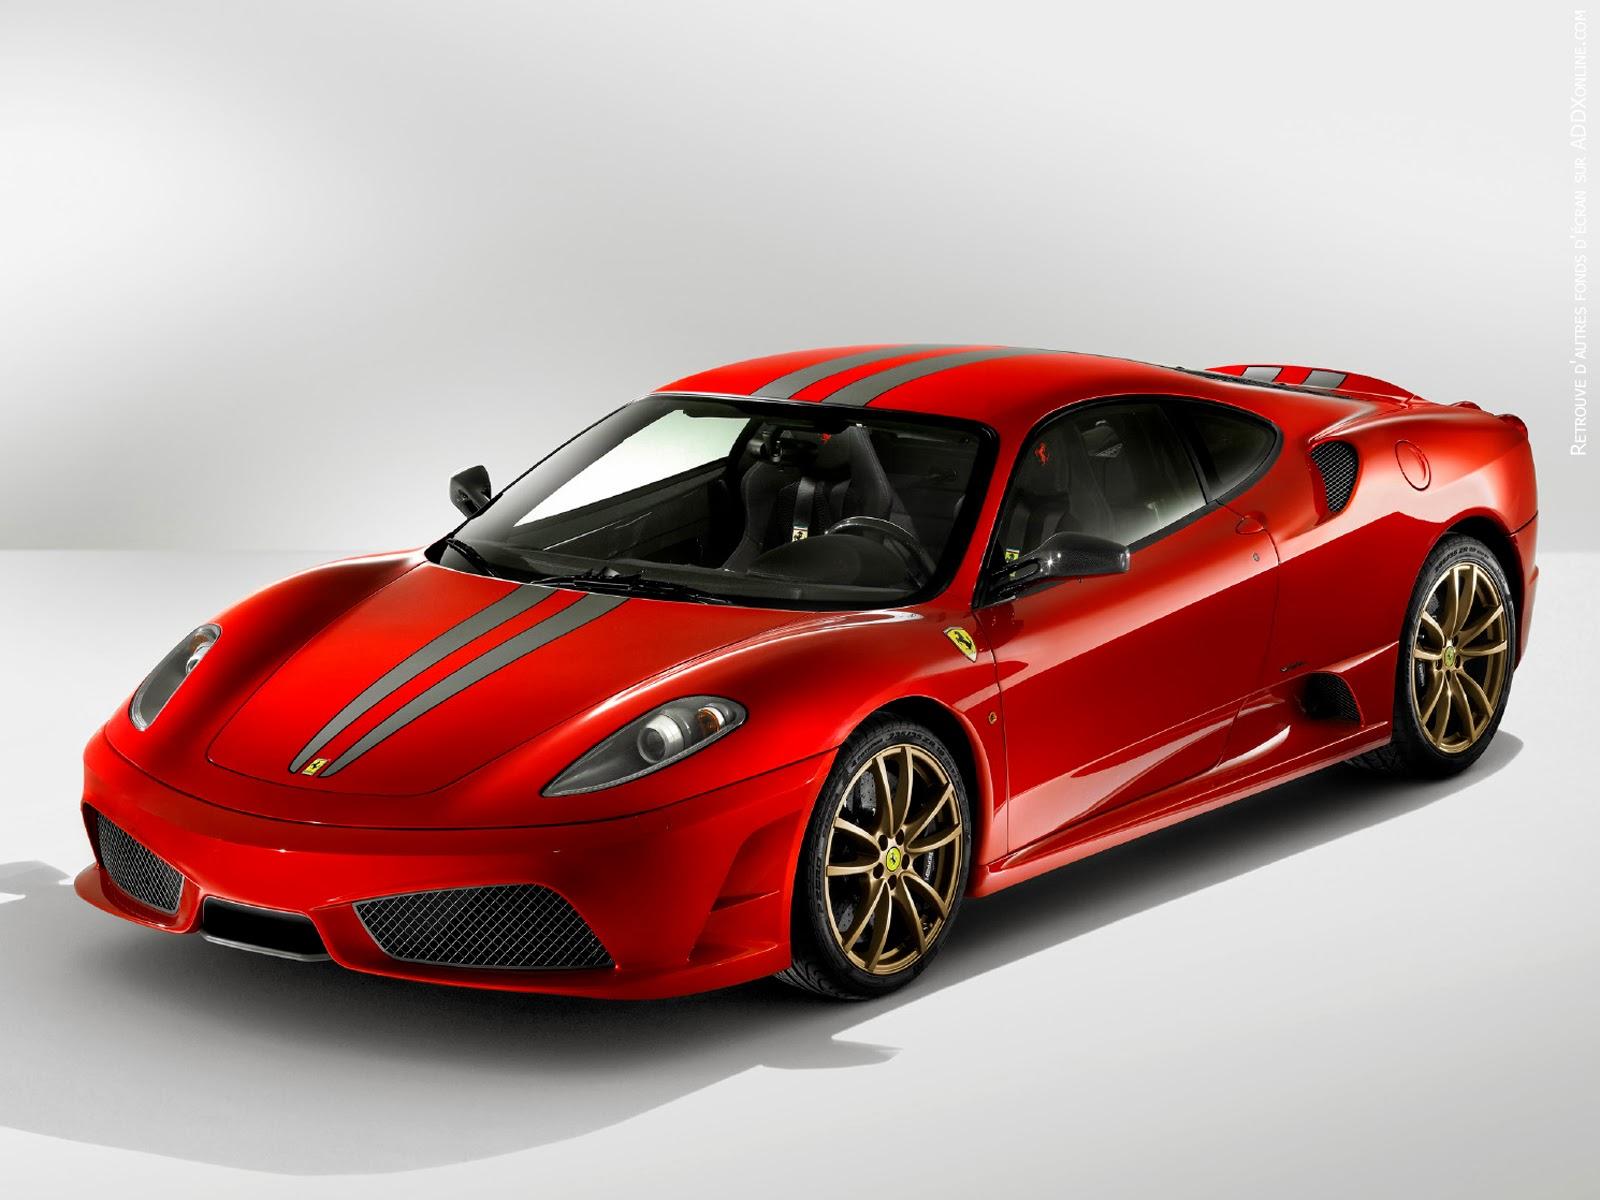 Automobiles tout savoir sur les marques ferrari f430 - Dessin de ferrari ...